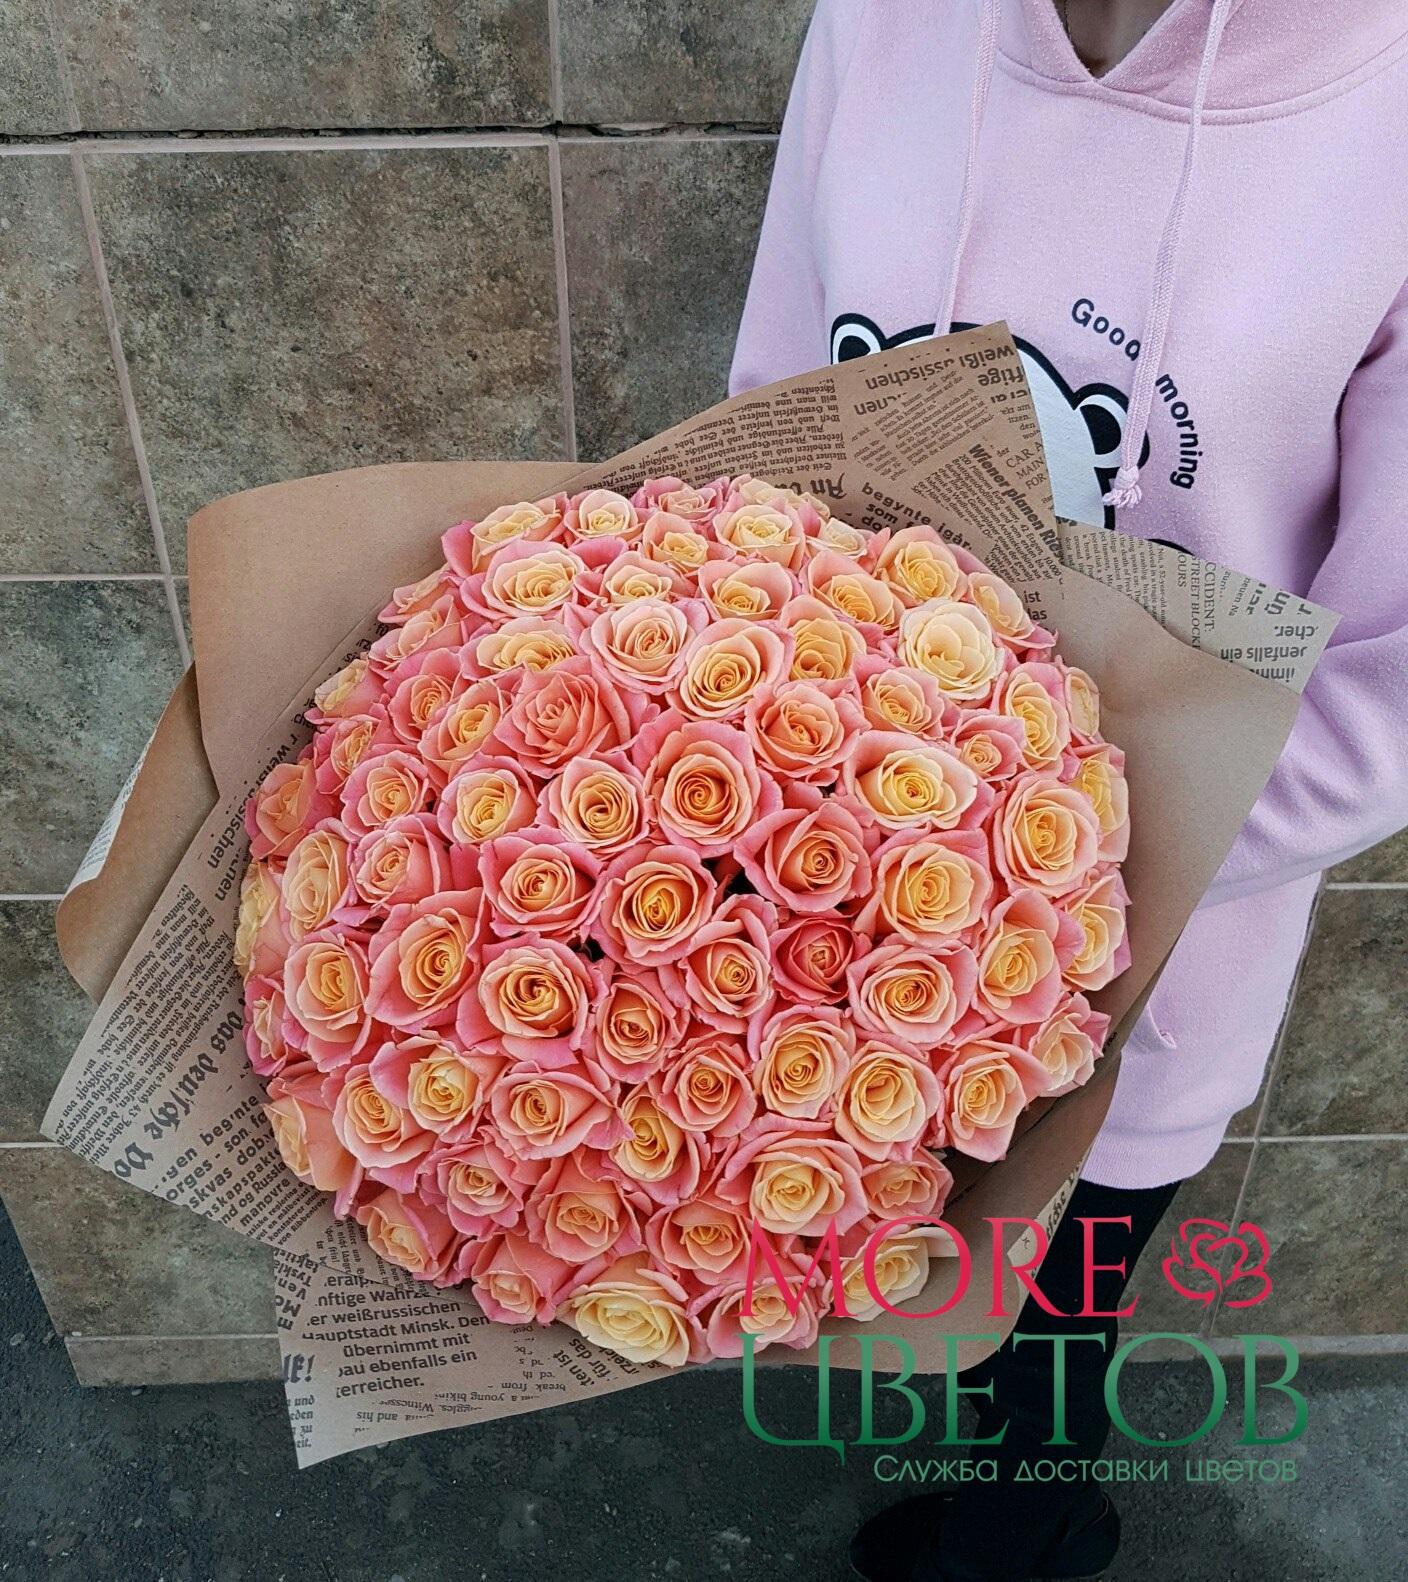 Доставка цветов, доставка цветов костанайская область боровское